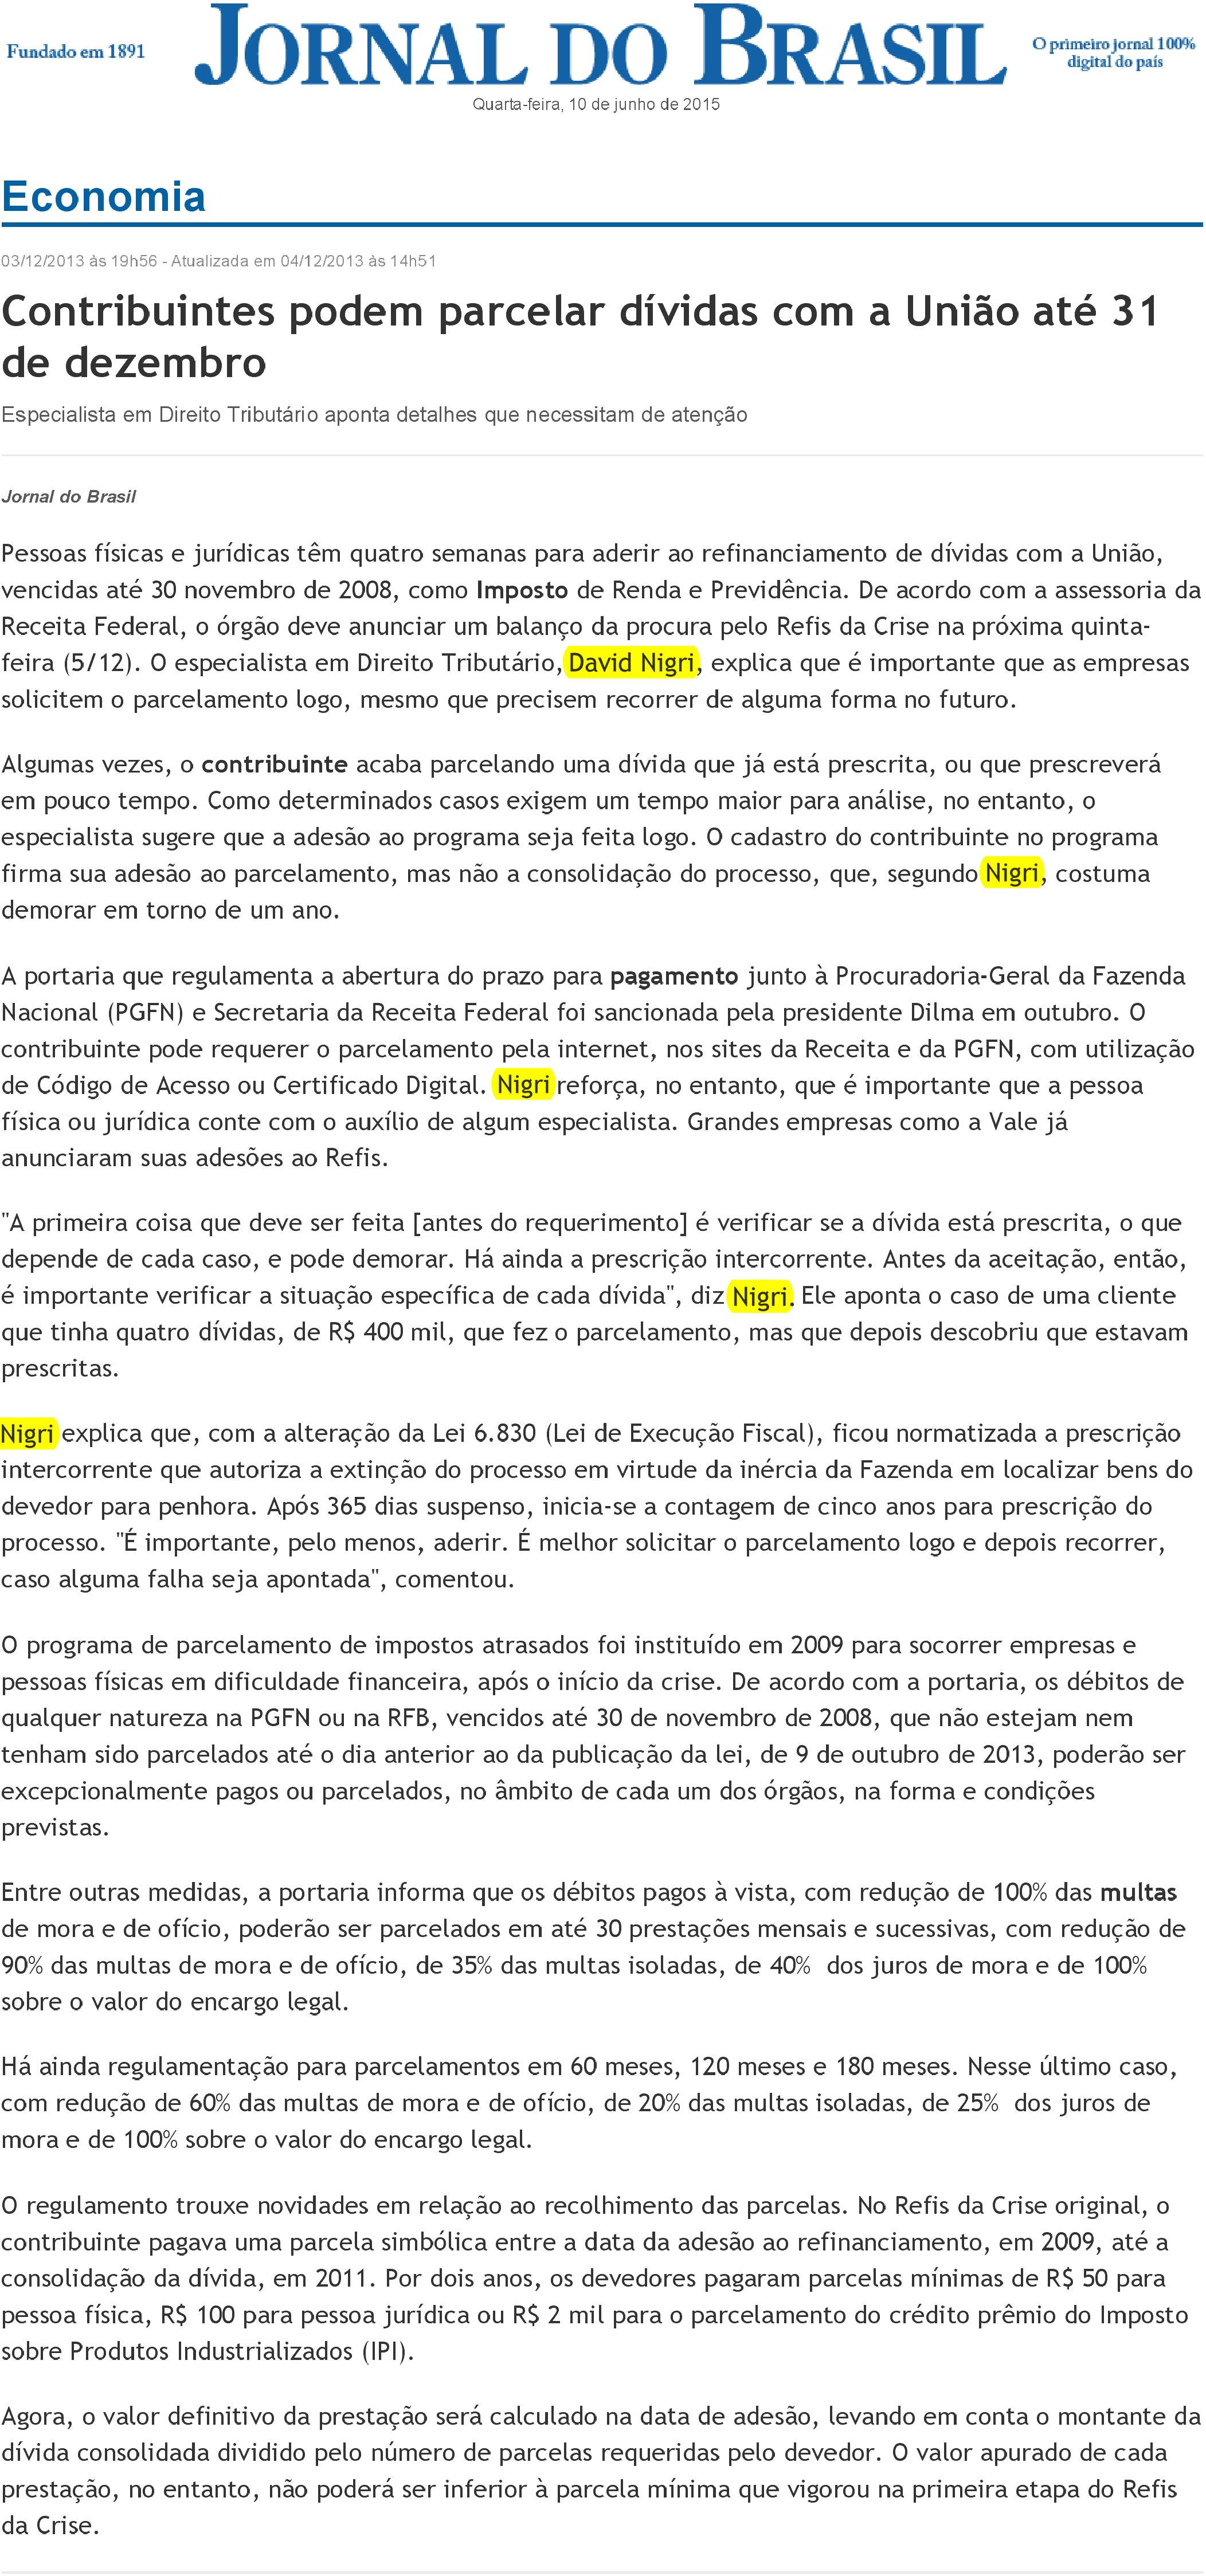 jornal-do-brasil-david-nigri-fala-sobre-o-parcelamento-das-dividas-com-a-uniao